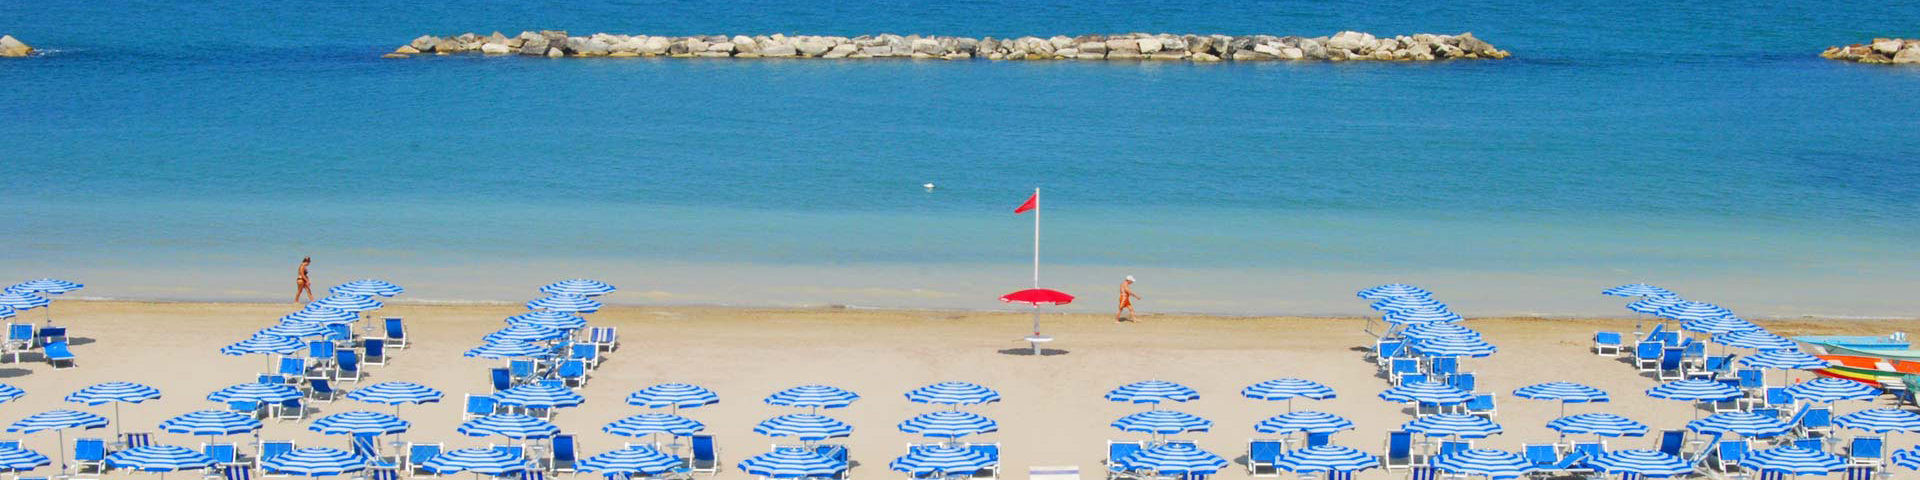 San Benedetto del Tronto, rekreační část letoviska